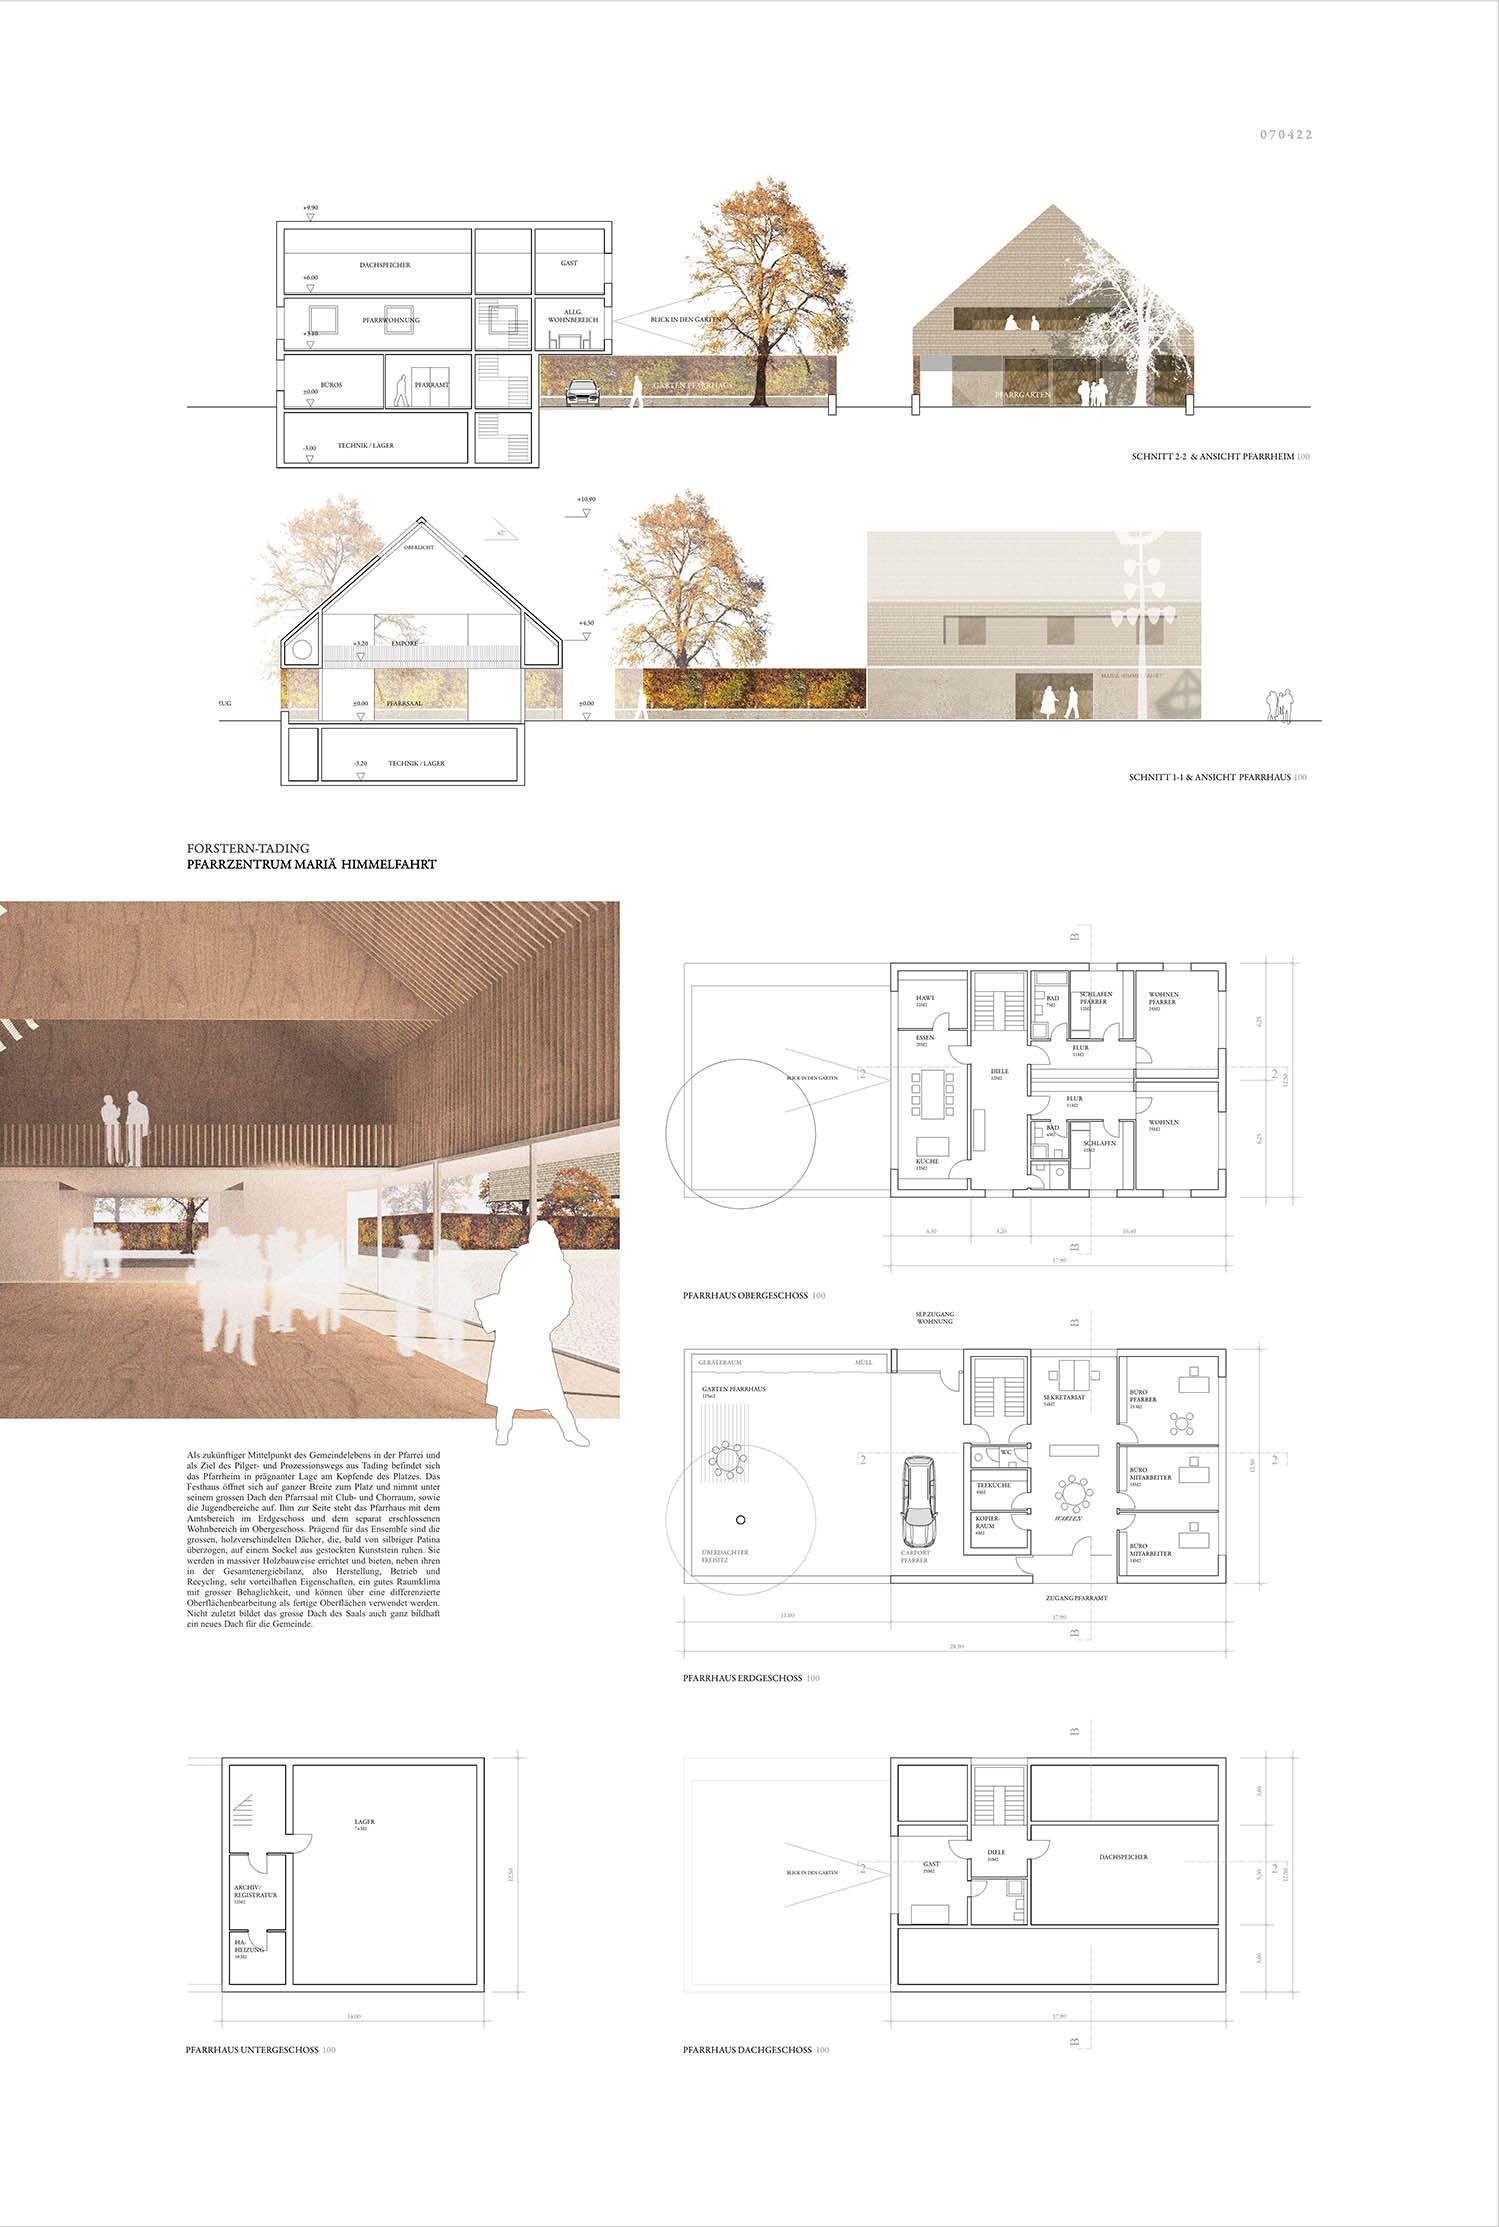 Ergebnis: Pfarrzentrum Mariä Himmelfahrt...competitionline #architektonischepräsentation